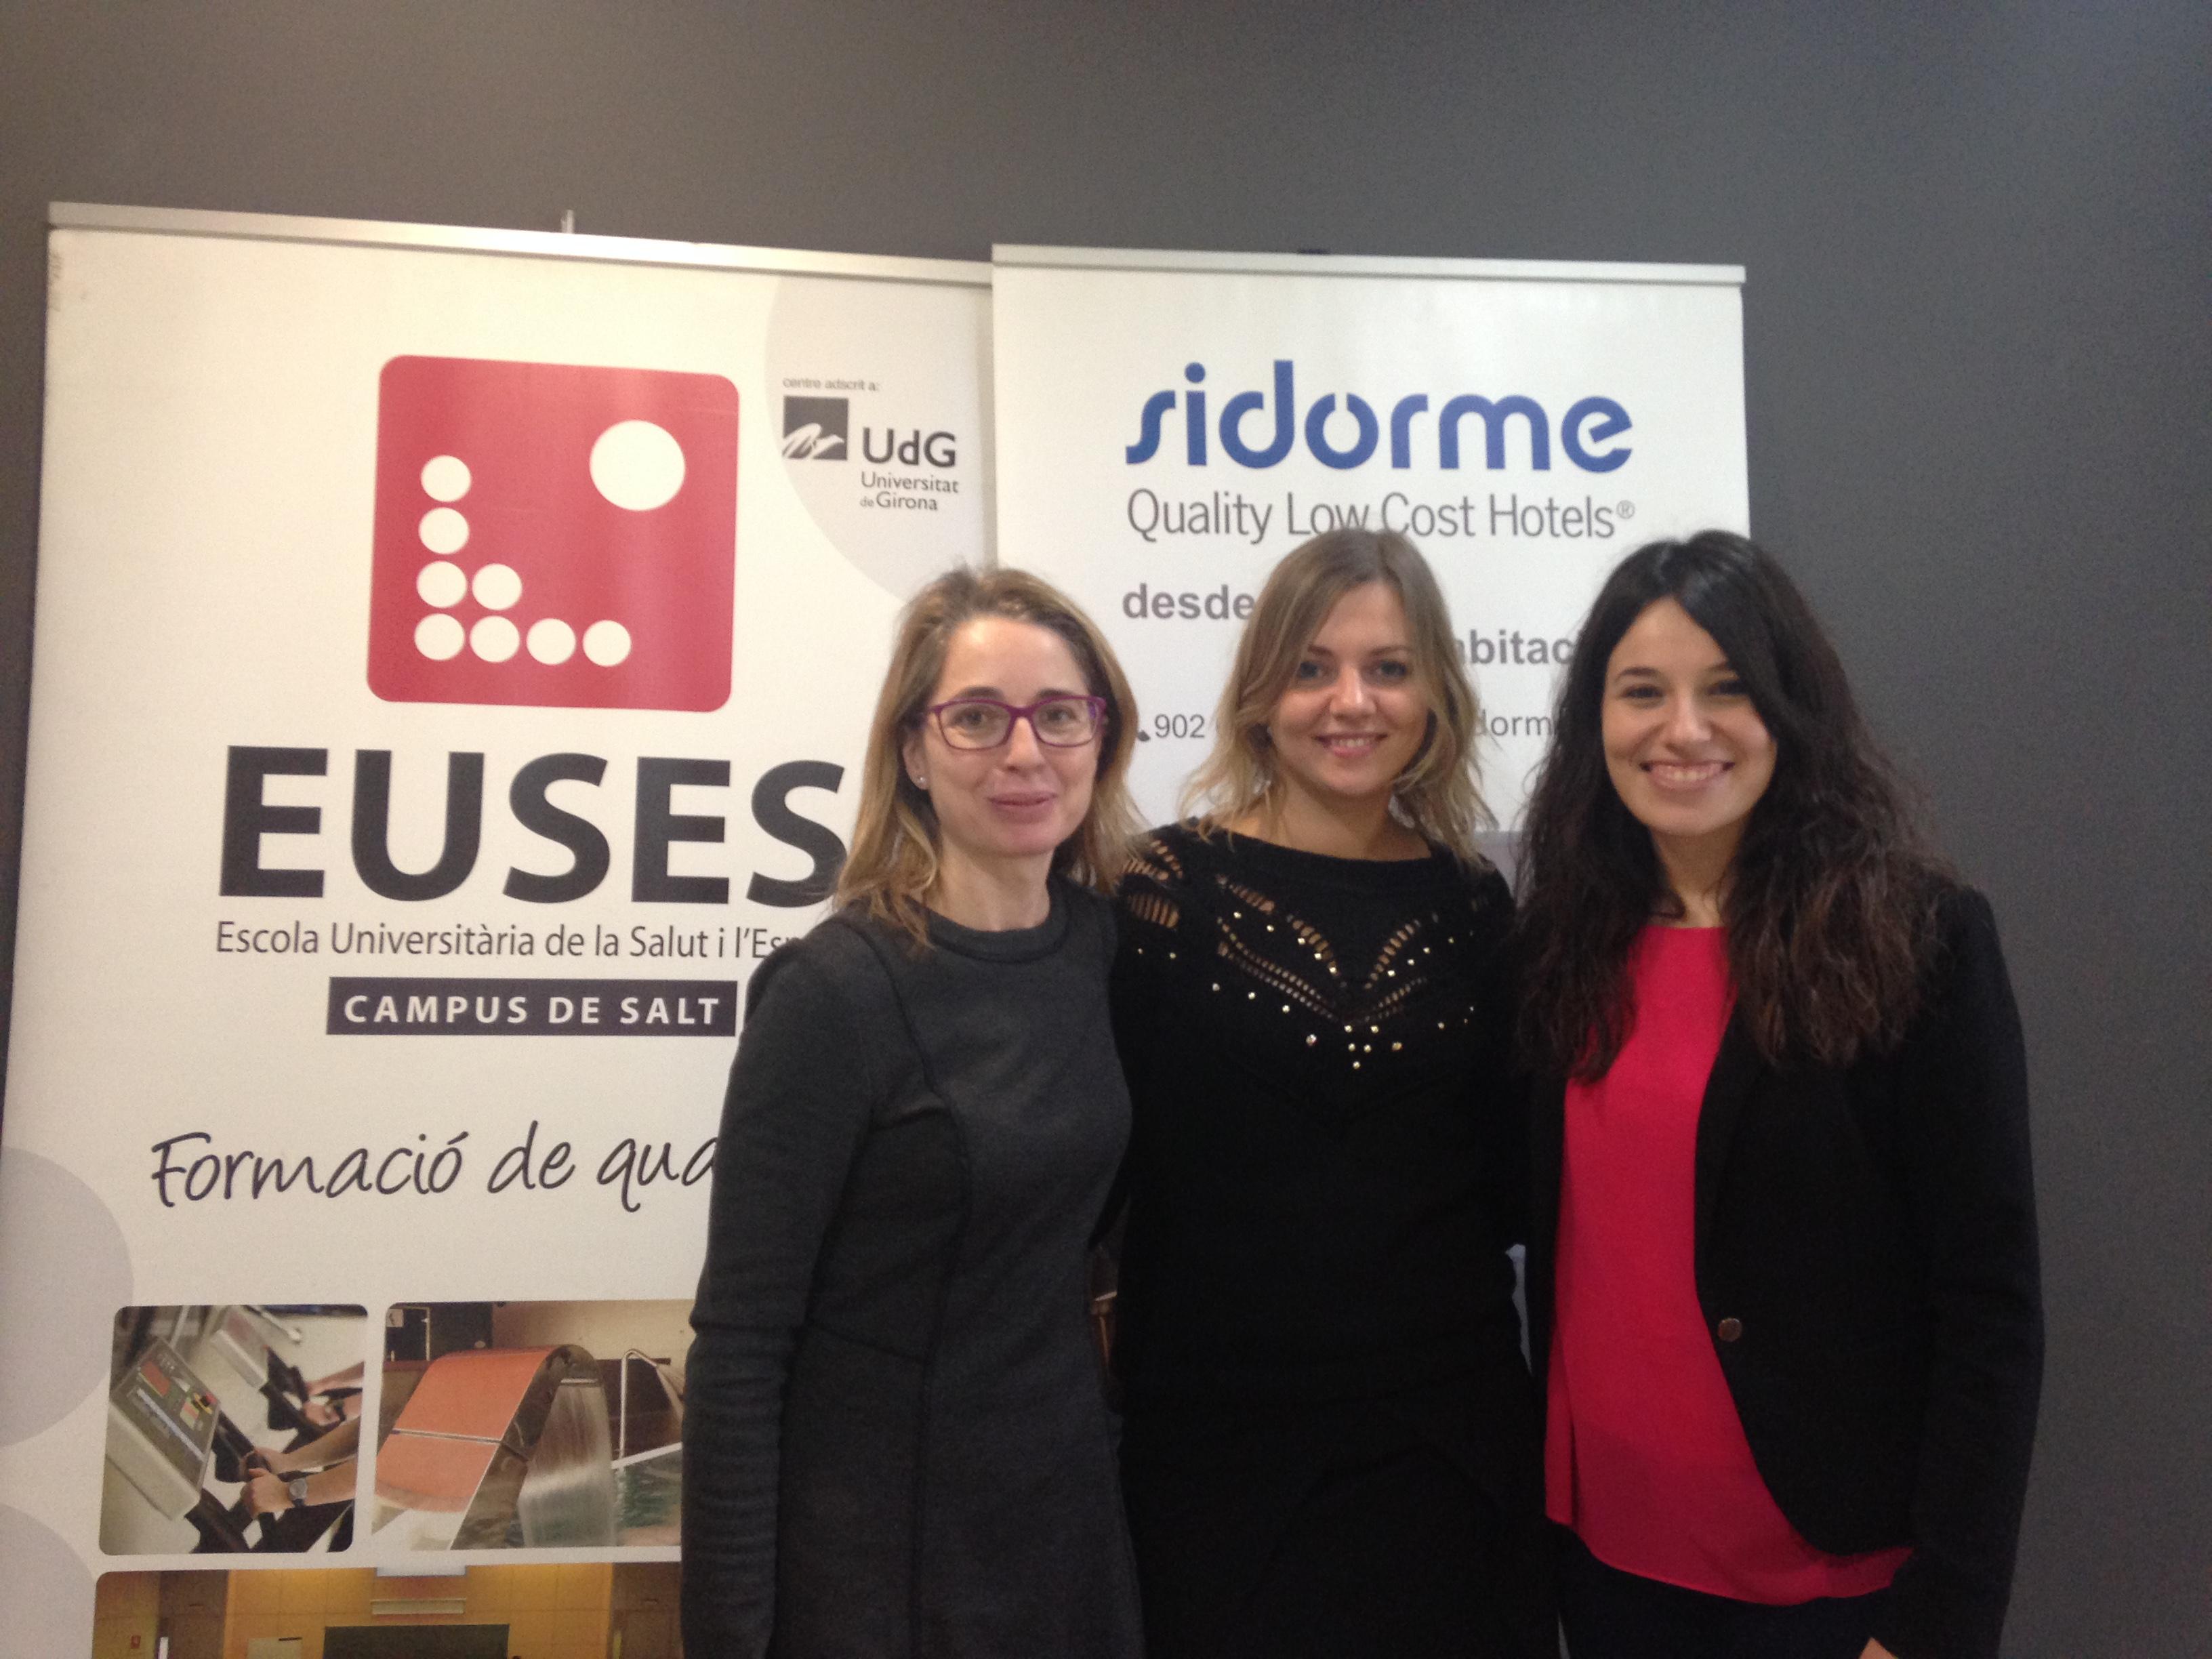 EUSES Alumni renova el conveni amb la cadena d'hotels Sidorme, amb descomptes per a alumnes i associats